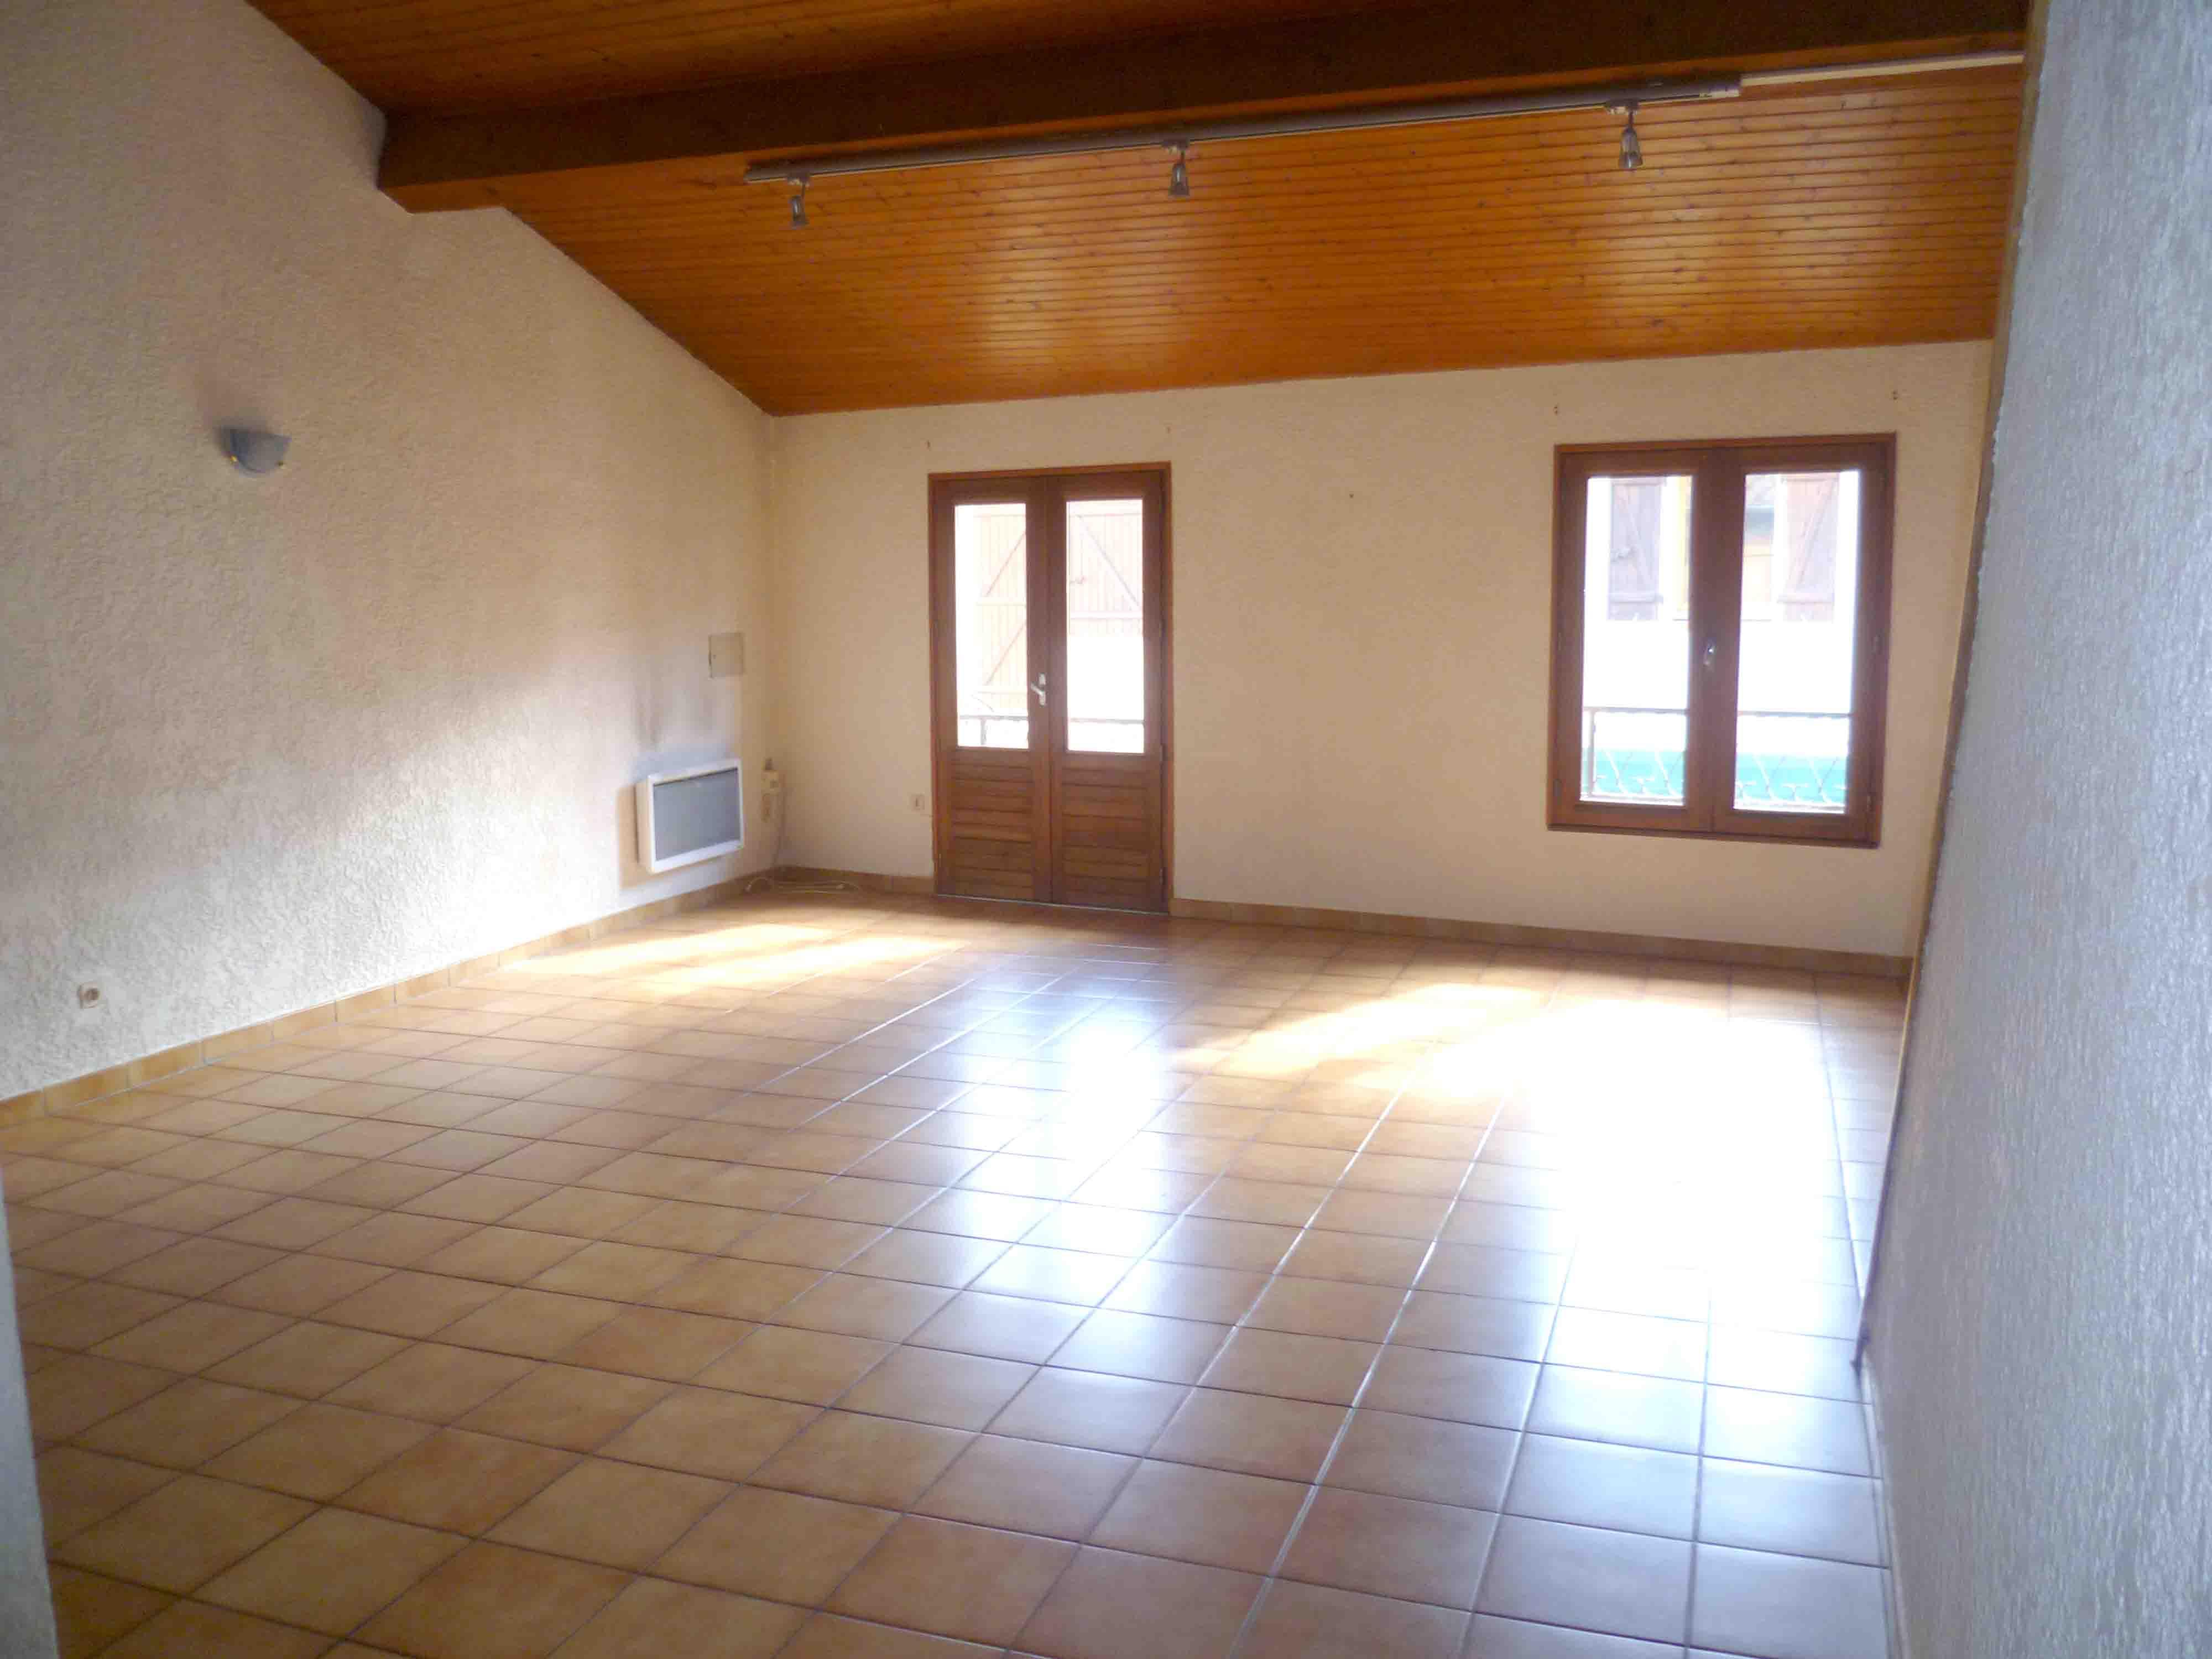 maison-de-village-renovee-villefranche-de-lauragais-31290